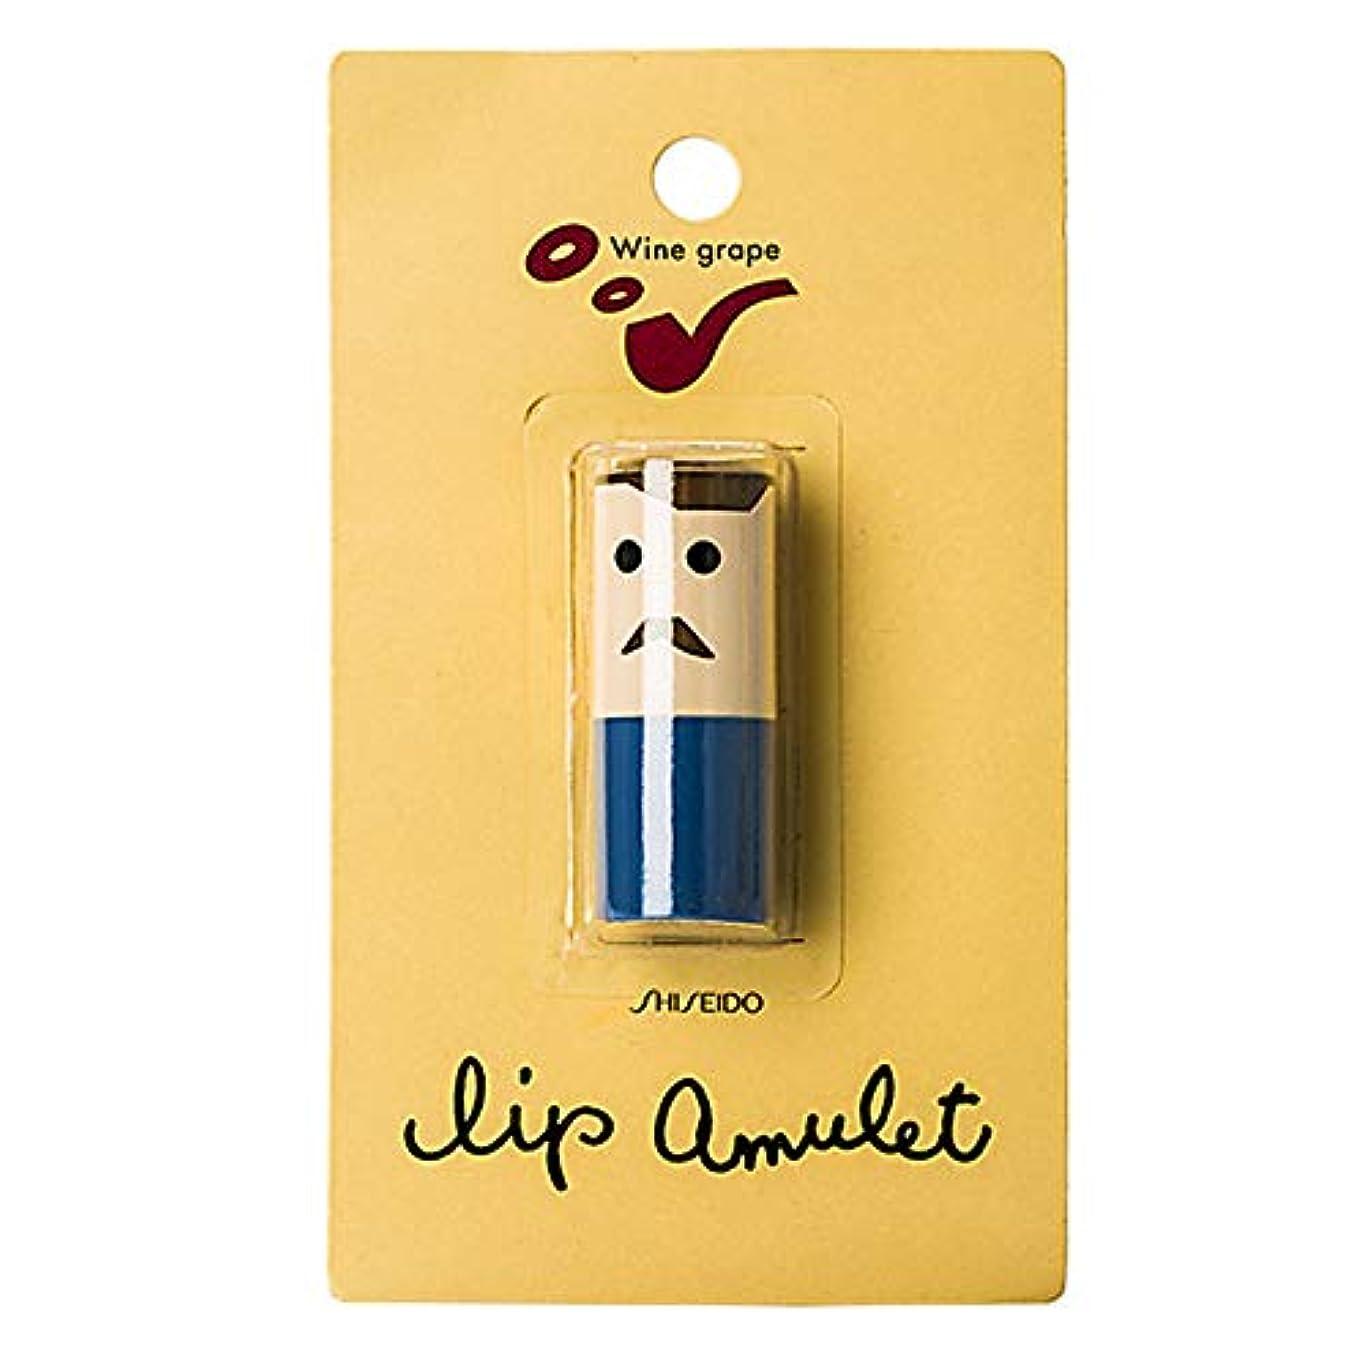 私たちビール騒々しい【台湾限定】資生堂 Shiseido リップアミュレット Lip Amulet お土産 コスメ 色つきリップ 単品 葡萄酒紅 (ワイングレープ) [並行輸入品]